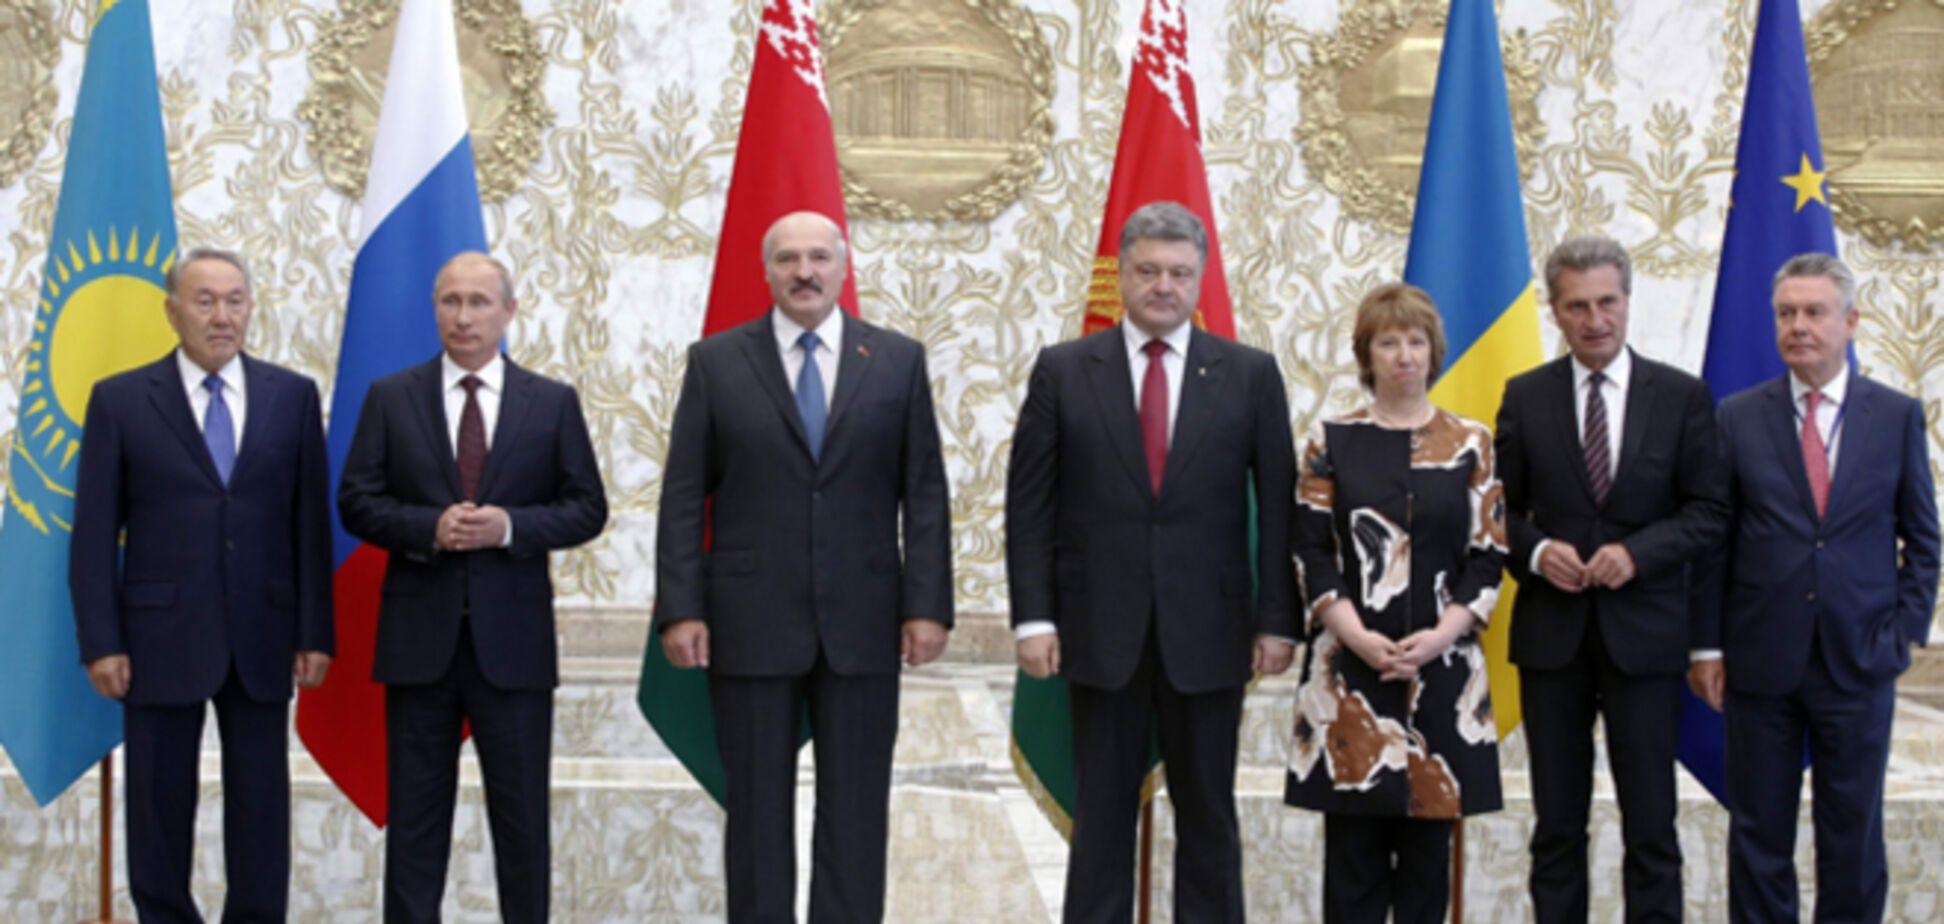 Лукашенко и Назарбаев хотят пережить Путина. Эксперты о том, будет ли антироссийская коалиция